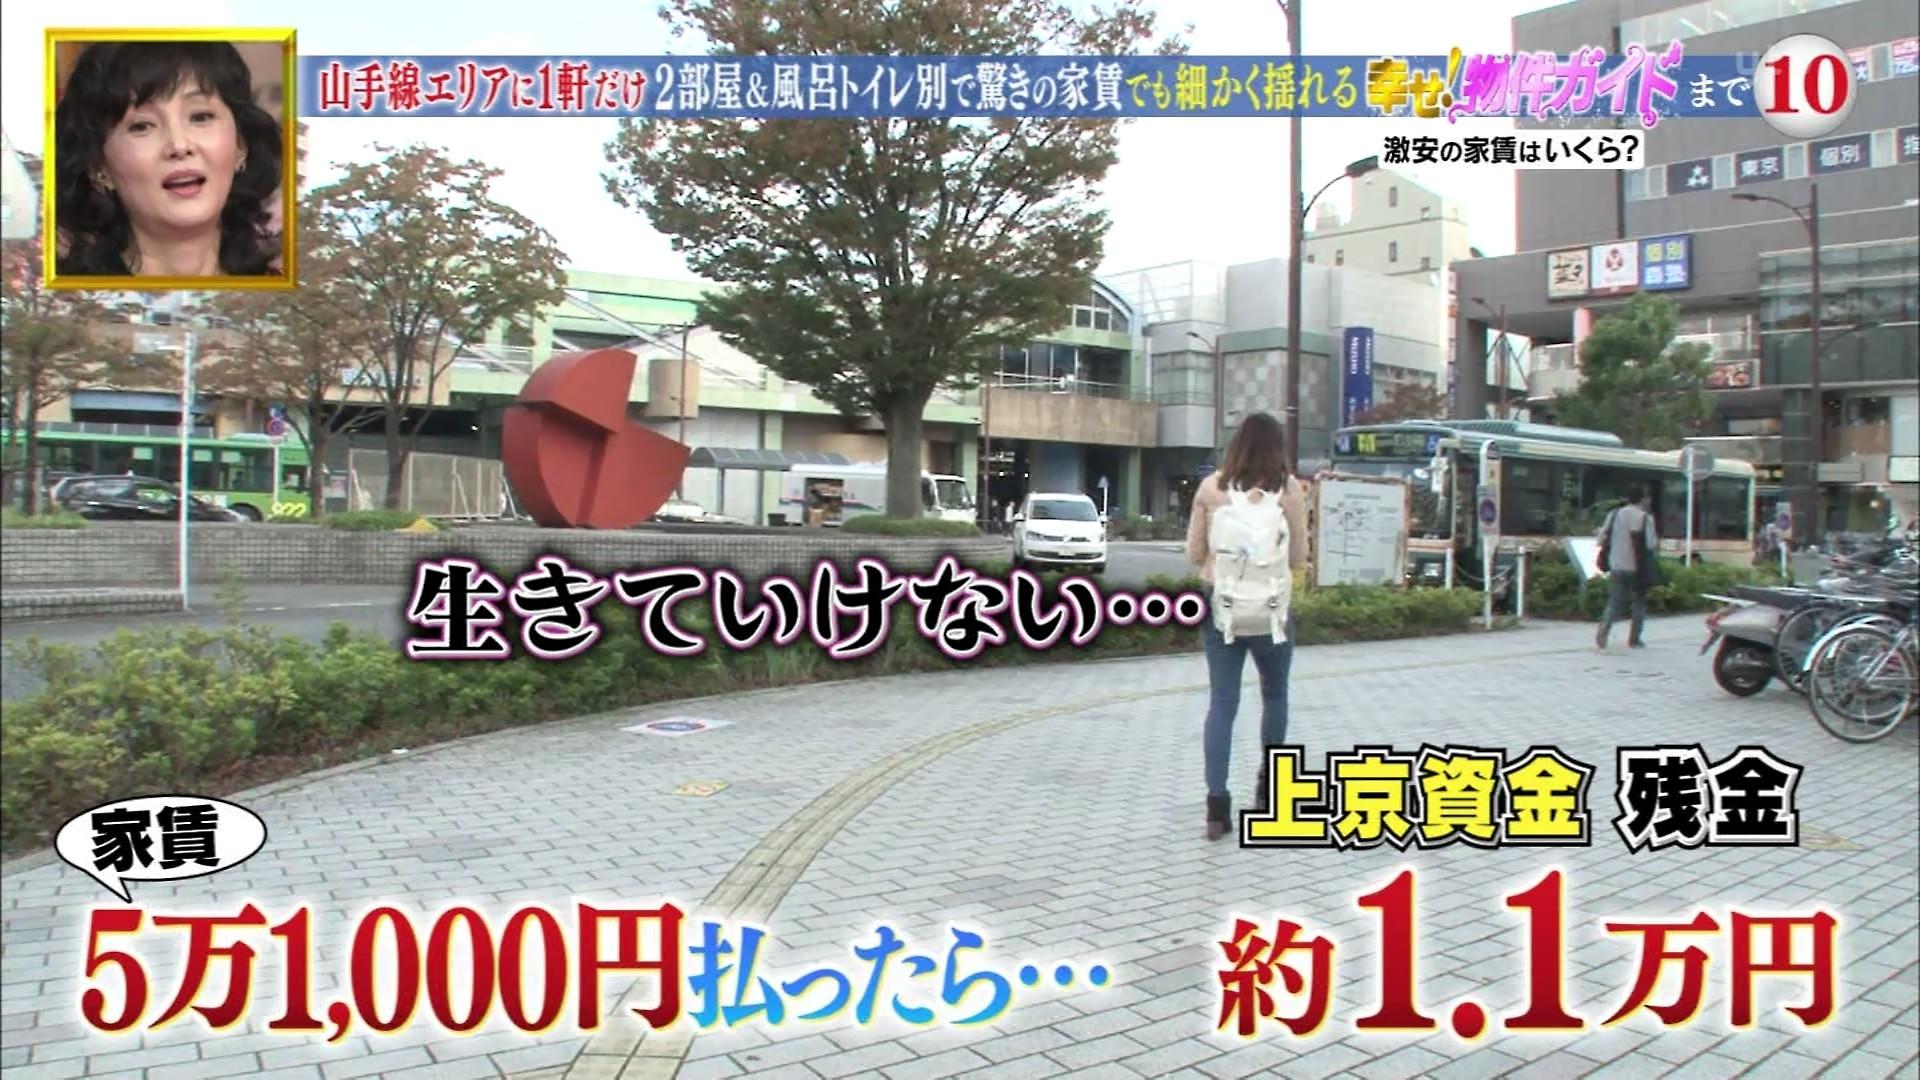 2018年11月28日・日本テレビ「幸せ!ボンビーガール」の上京ガールテレビキャプチャー画像-043